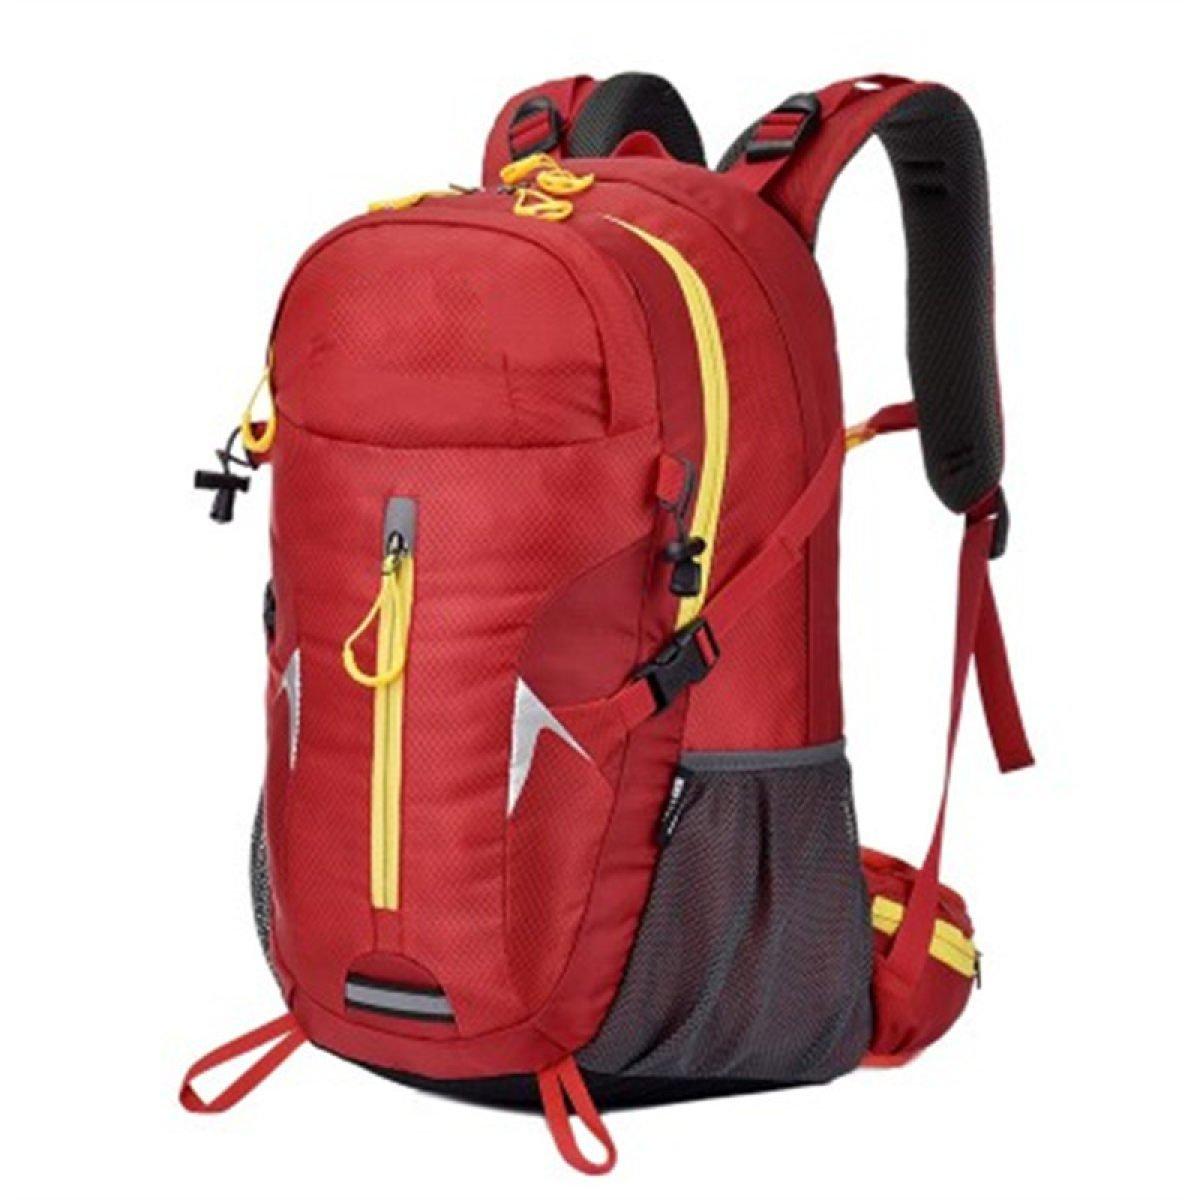 rouge  Forfait Alpinisme Extérieur voyage imperméable grand - capacité Tourism Package Sports,Armyvert